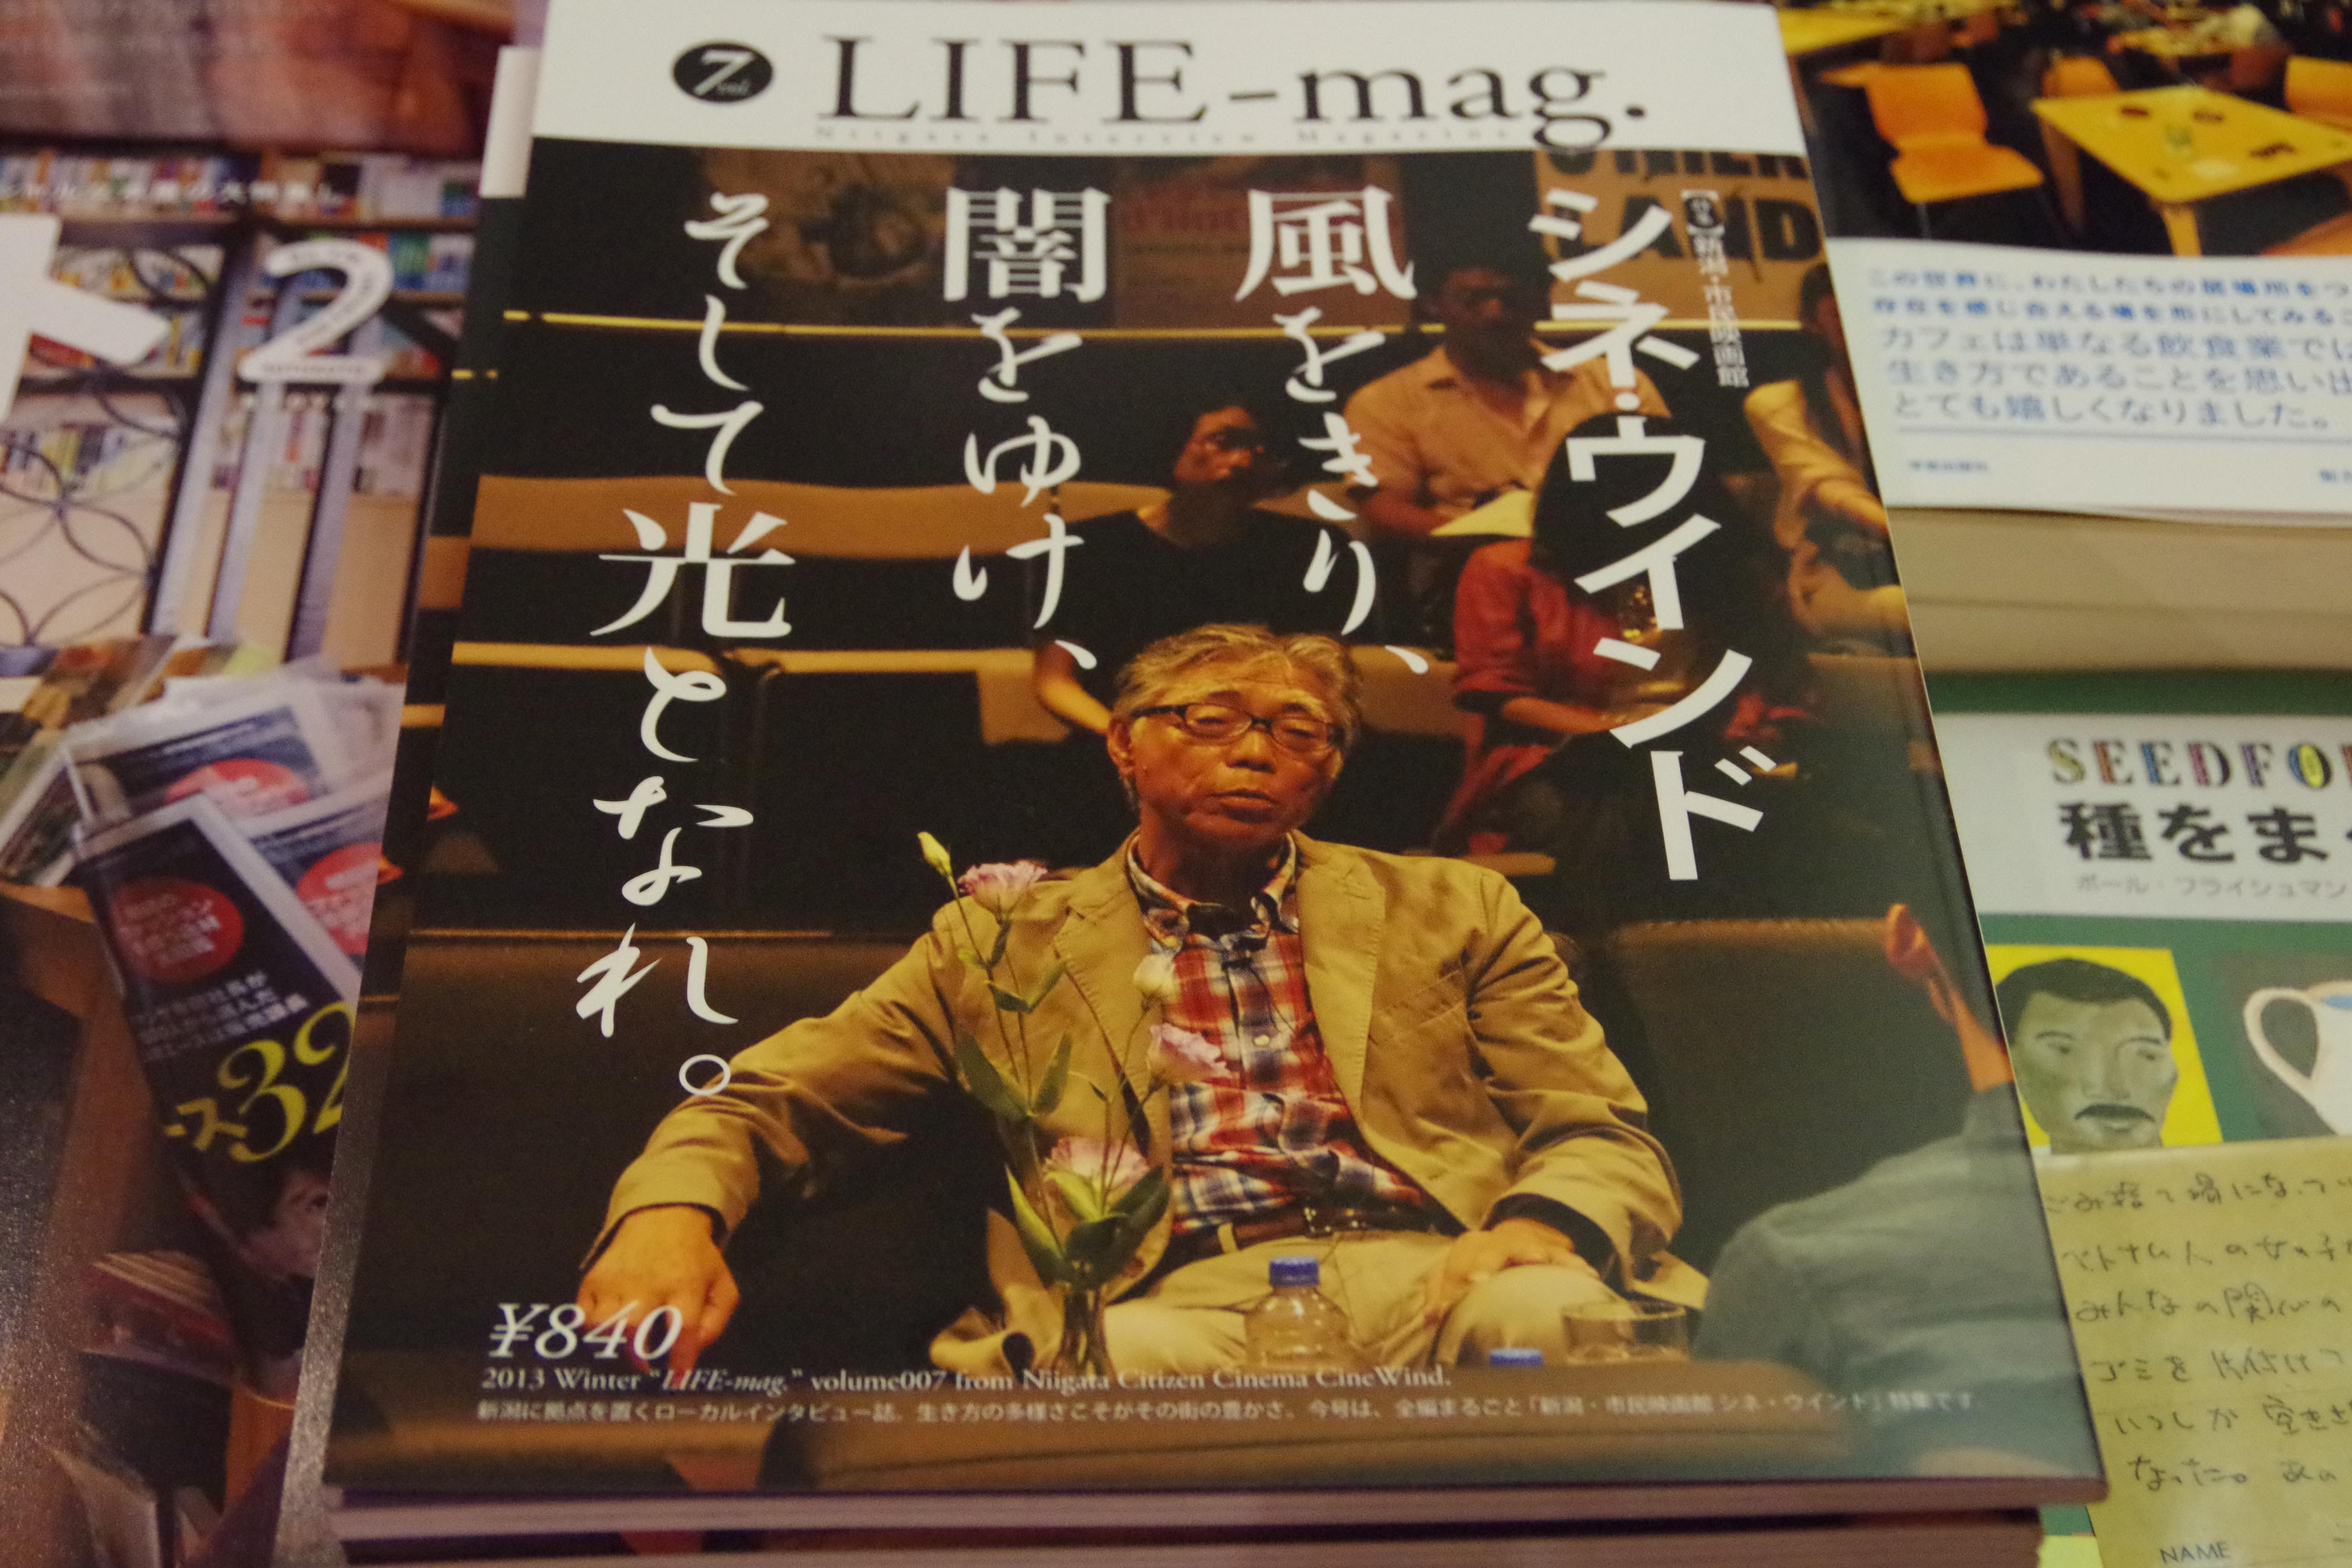 新潟が誇る雑誌「LIFE-mag.(ライフマグ)」。最新号「風をきり、闇をゆけ、そして光となれ」